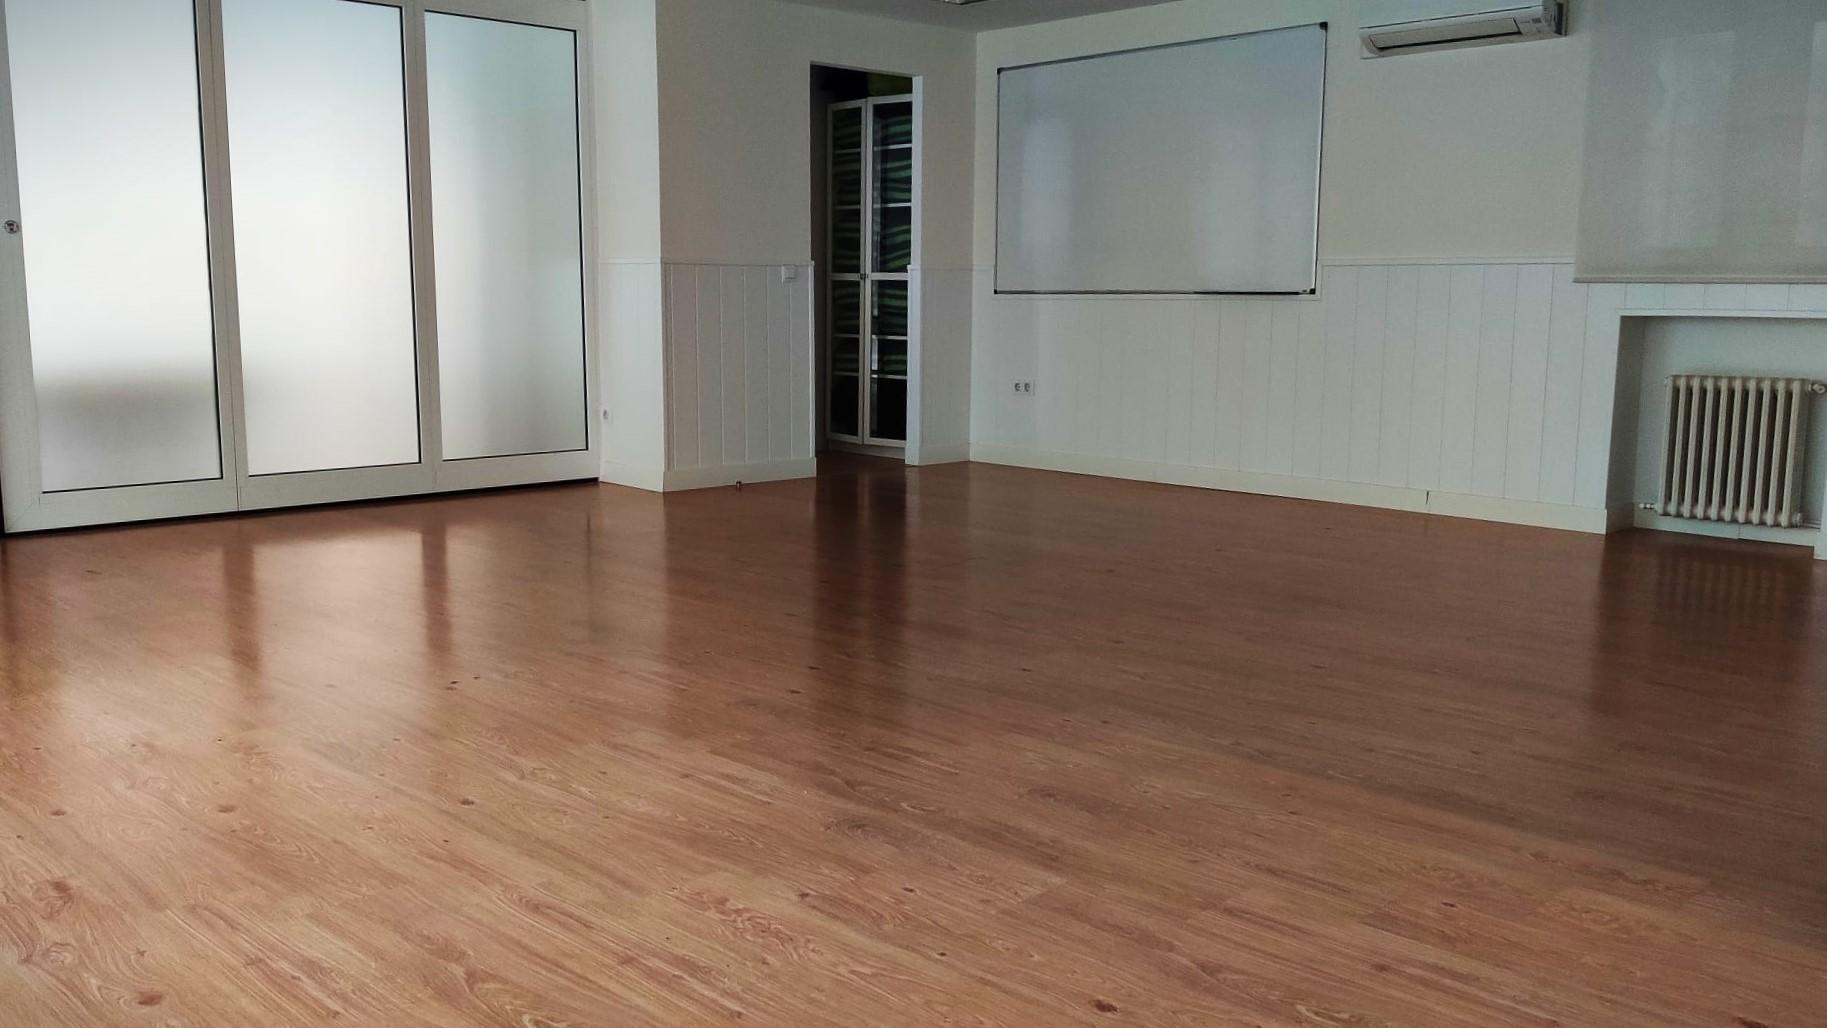 Aula 3 - 35m2